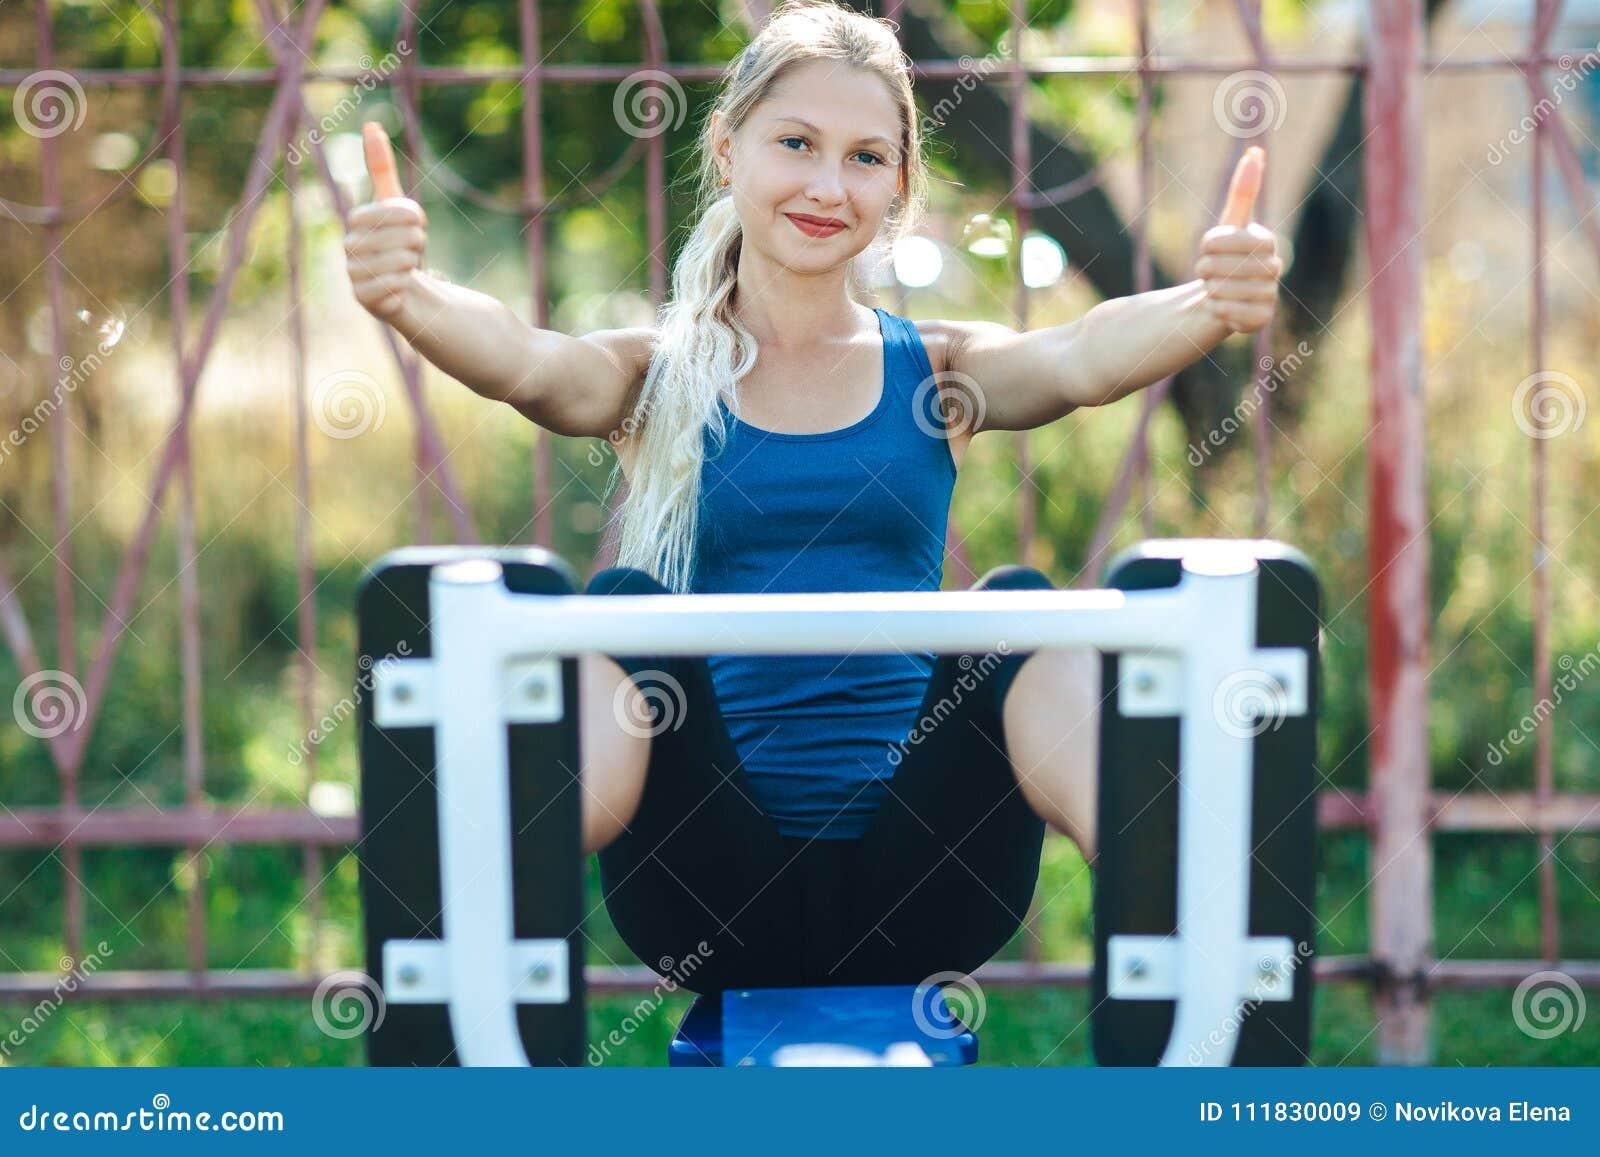 La ragazza adatta in camicia blu e ghette in una palestra del parco mostra il pollice, esaminante la macchina fotografica e sorri